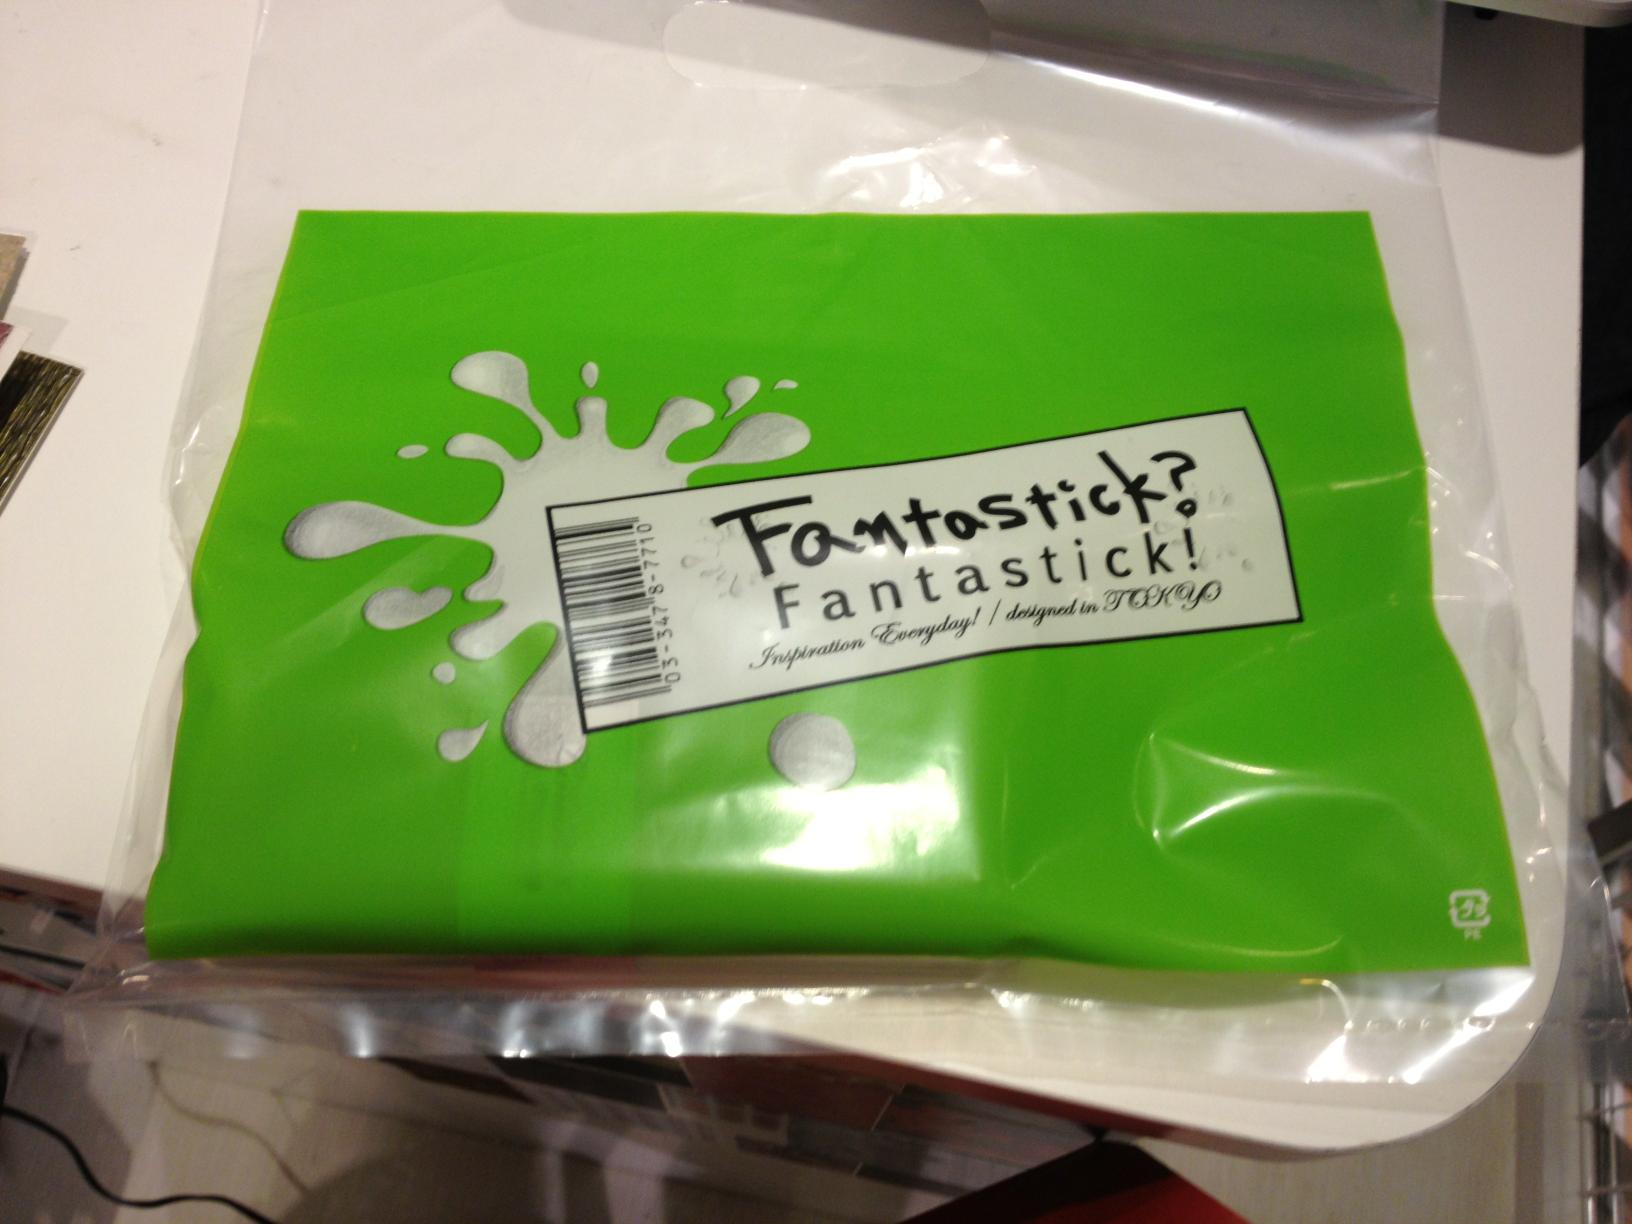 Fantastick003